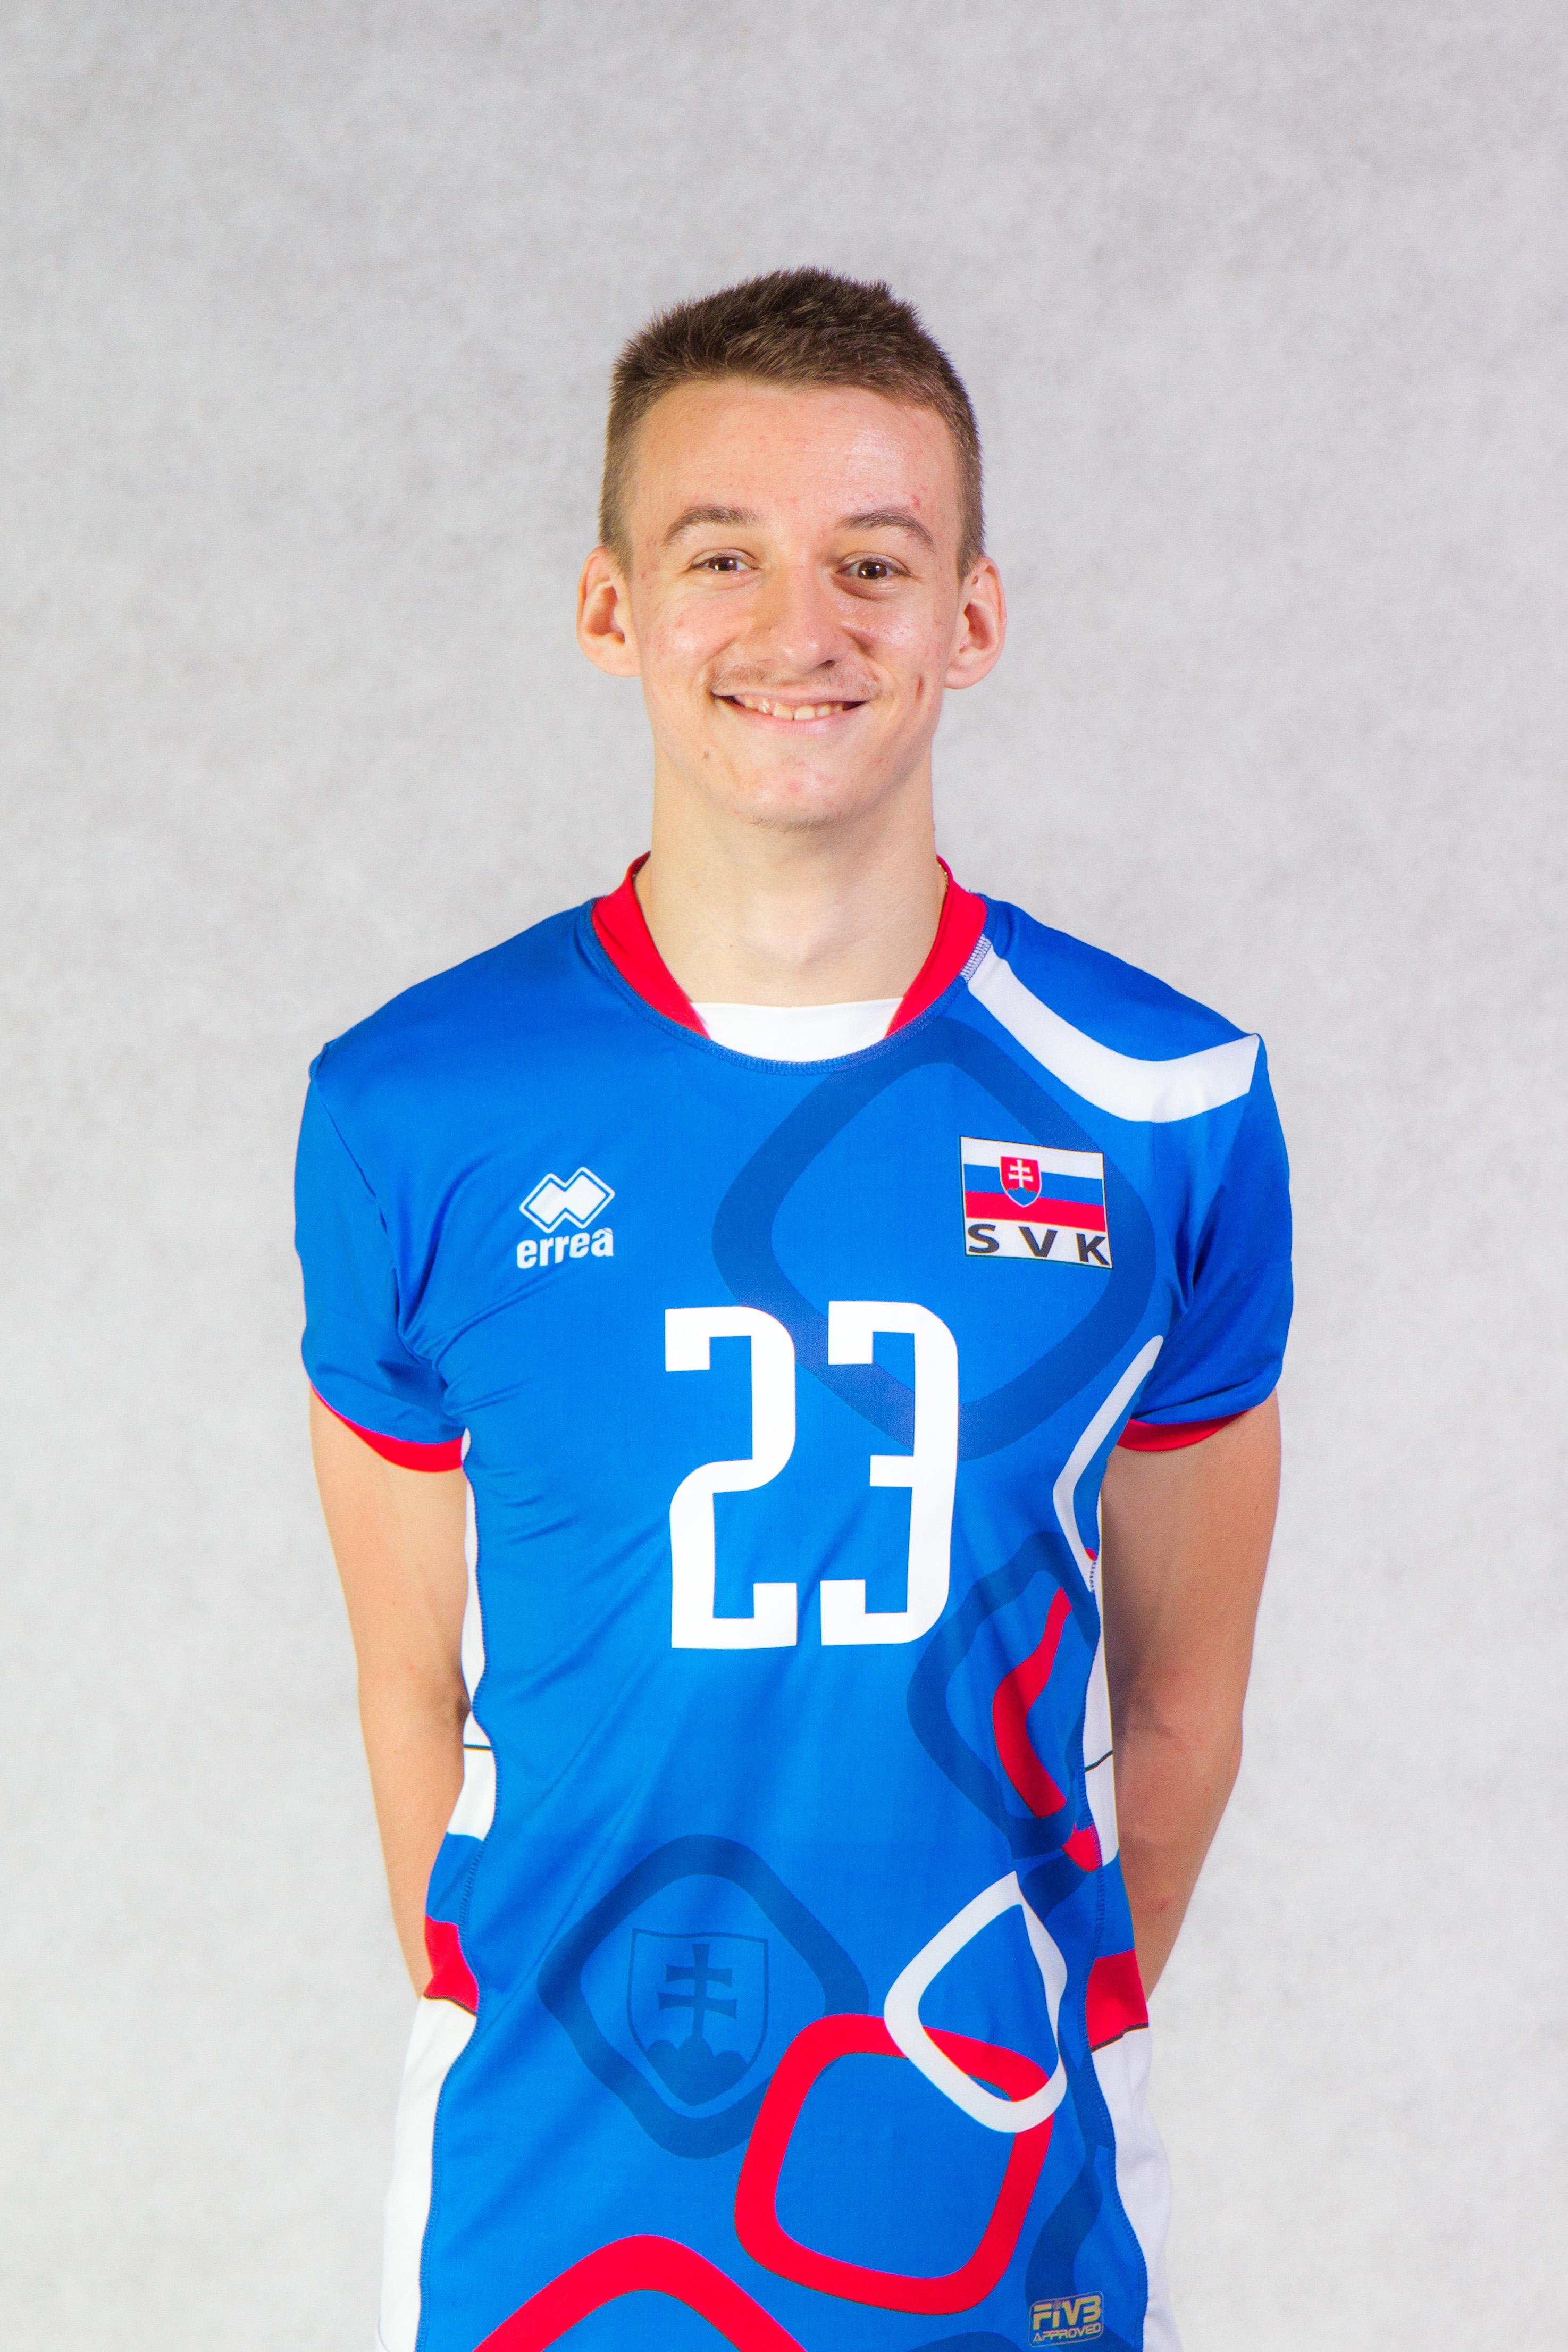 Michal Petras